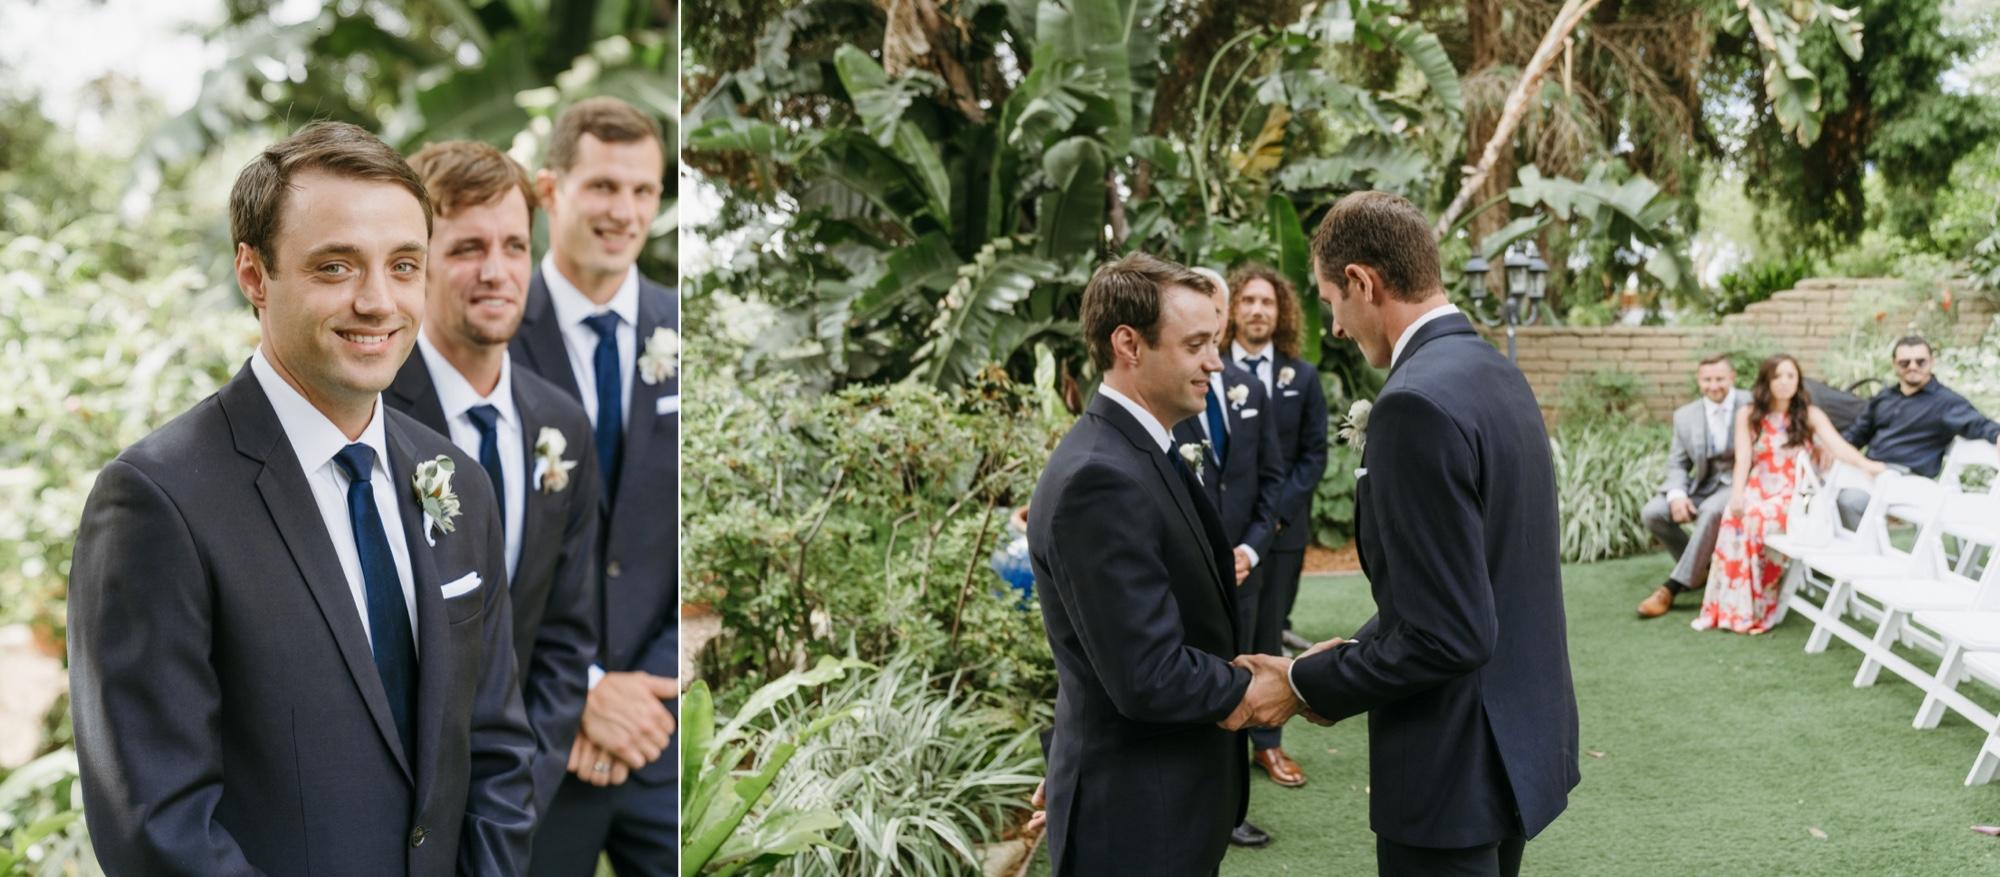 025_Shawna and Steve's Wedding-157_Shawna and Steve's Wedding-164.jpg